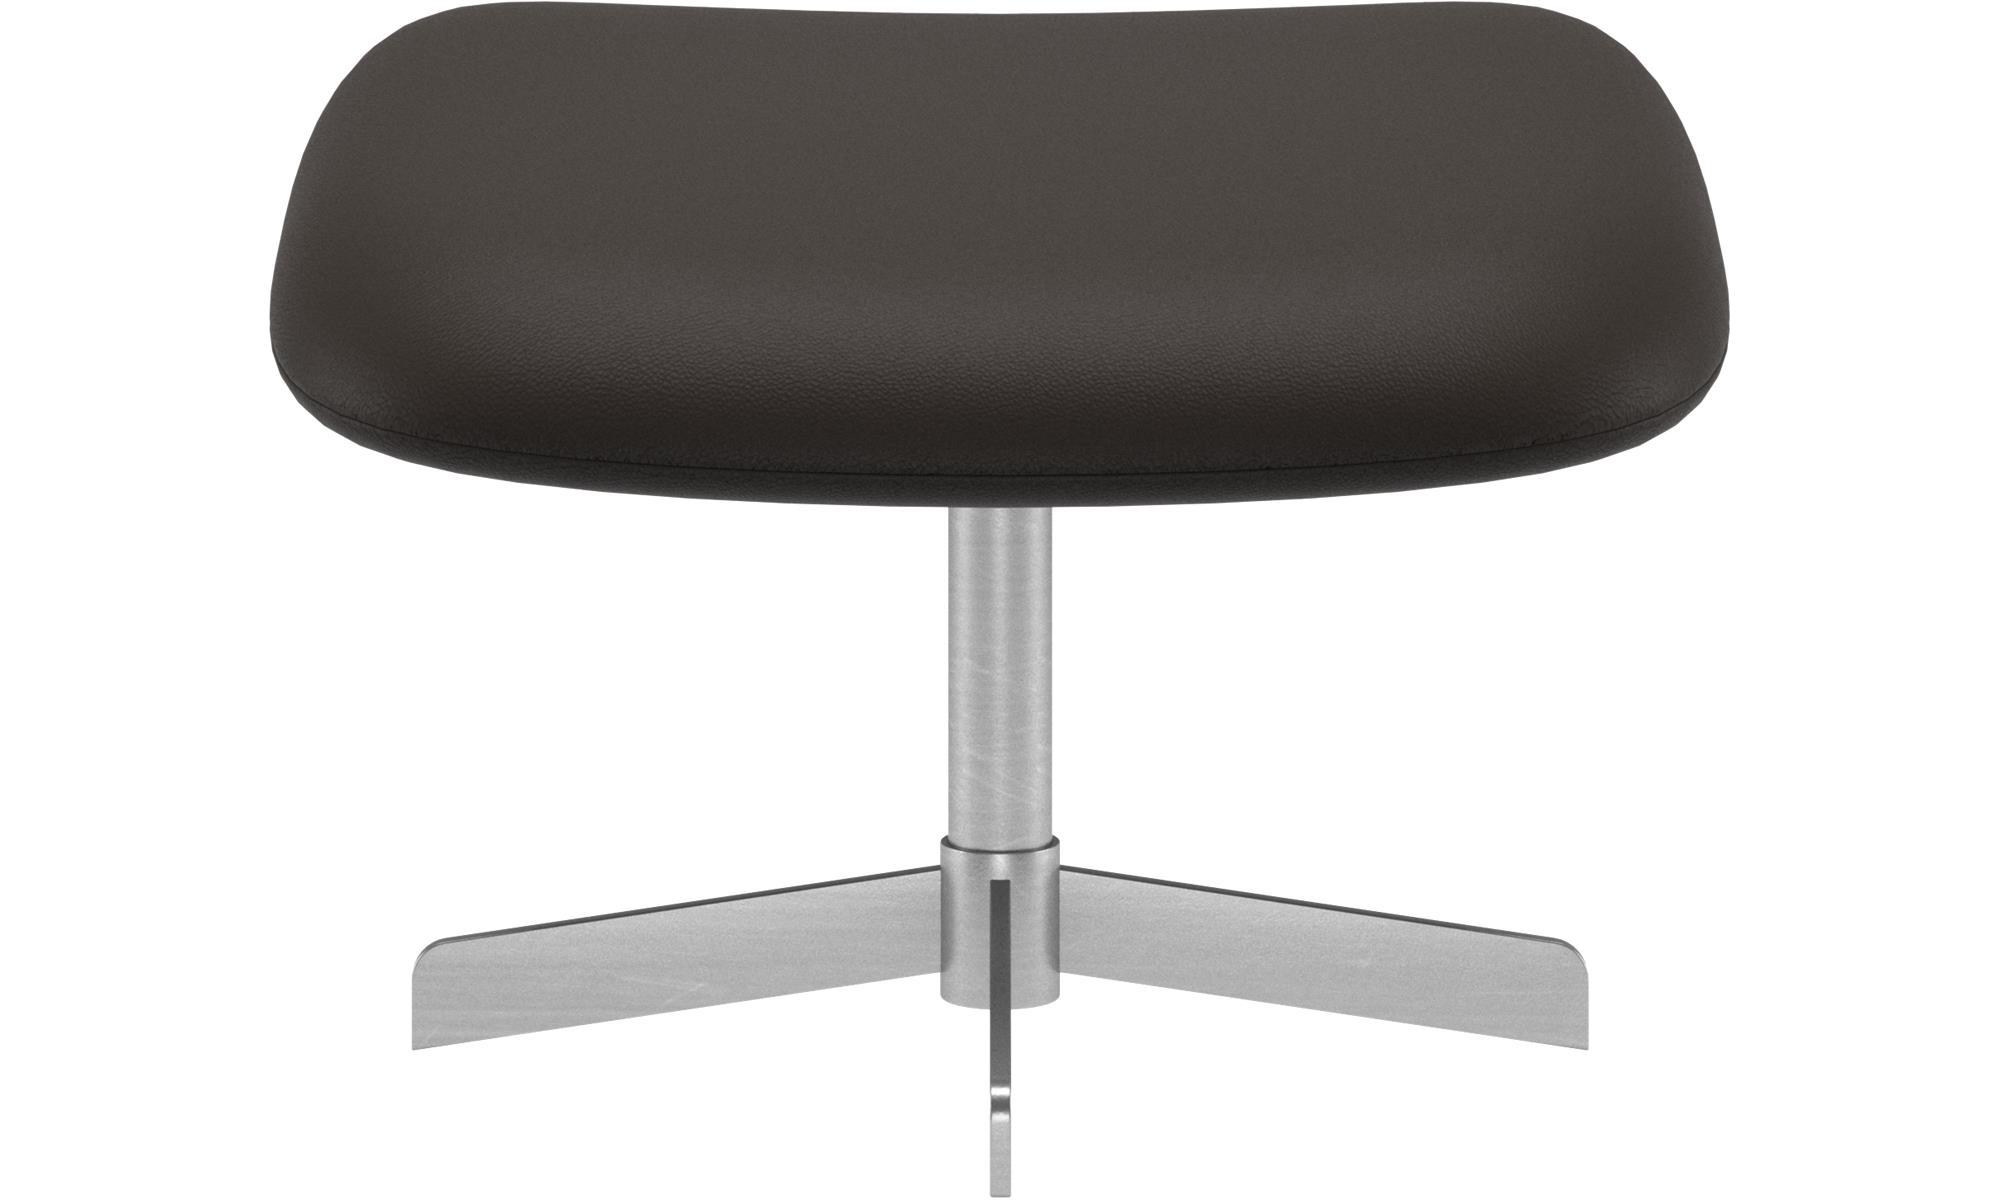 Footstools - Athena footstool - Brown - Leather